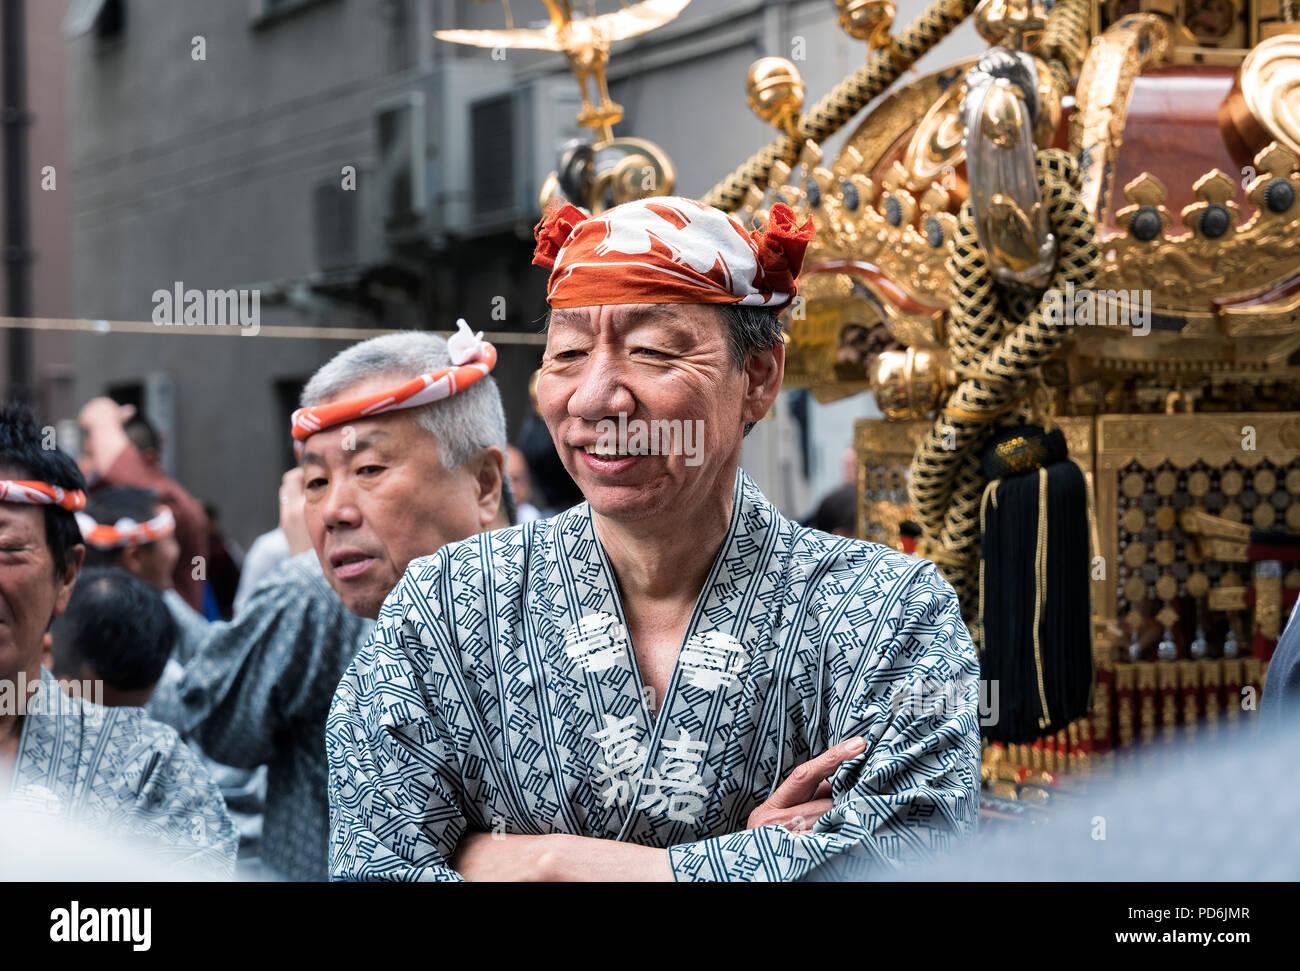 La isla de Japón, Honshu, Kanto, Tokio, el Kanda Matsuri. Imagen De Stock